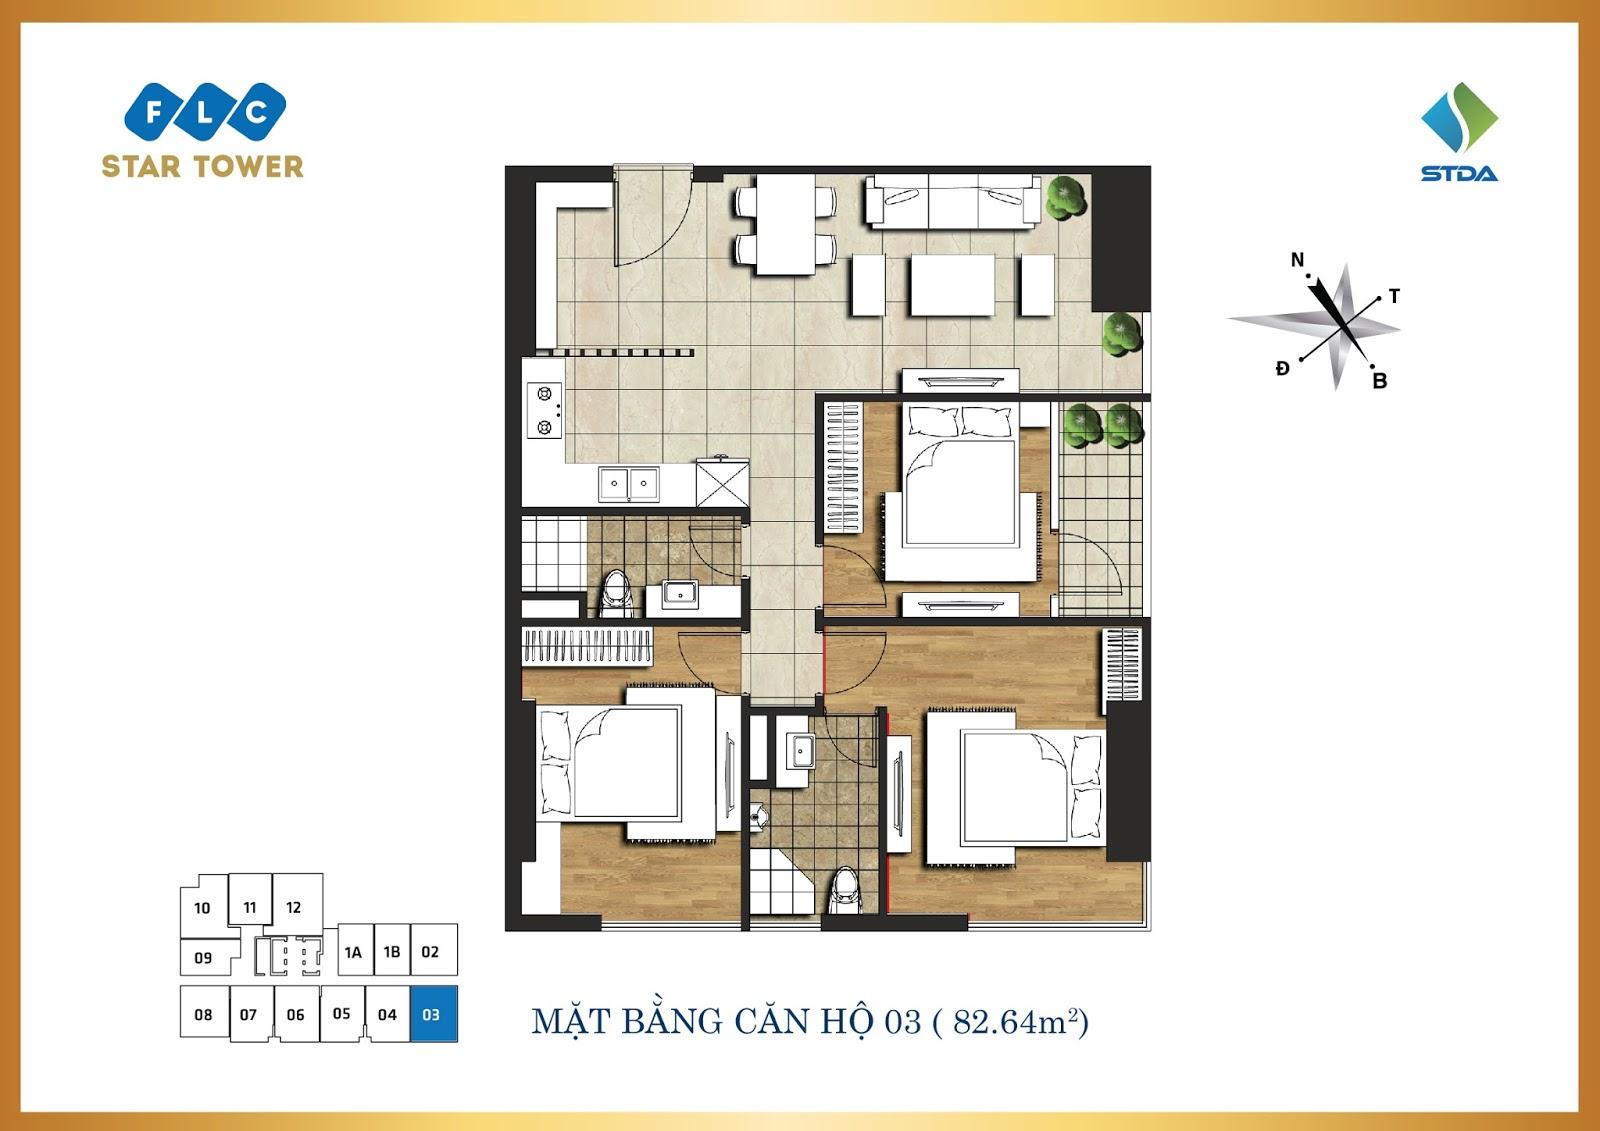 Thiết kế căn hộ số 3 - Chung cư FLC Star Tower